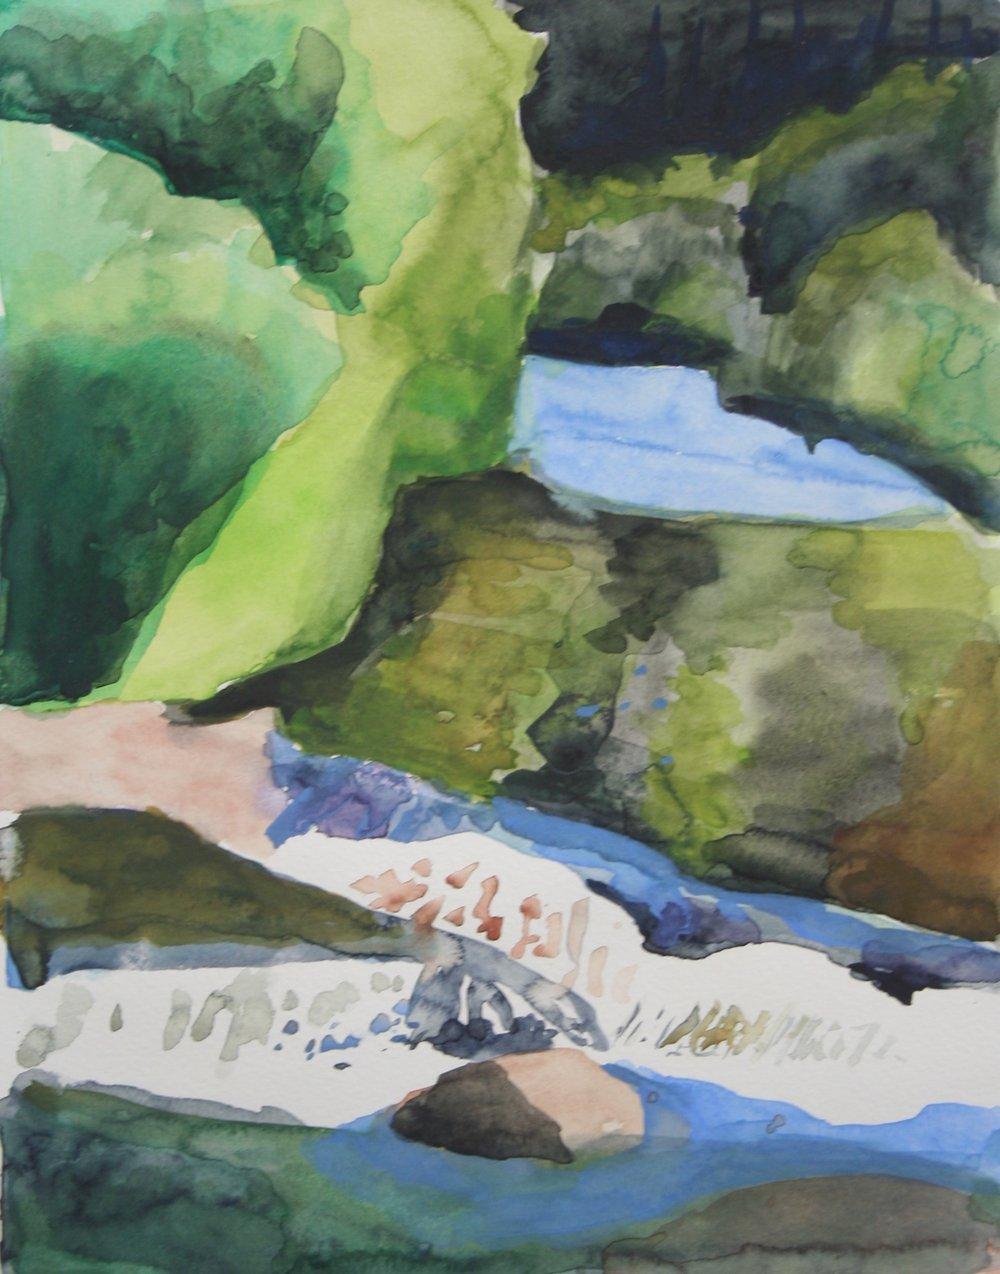 River rush, Watercolor, 10.5 x 8 in, 2016